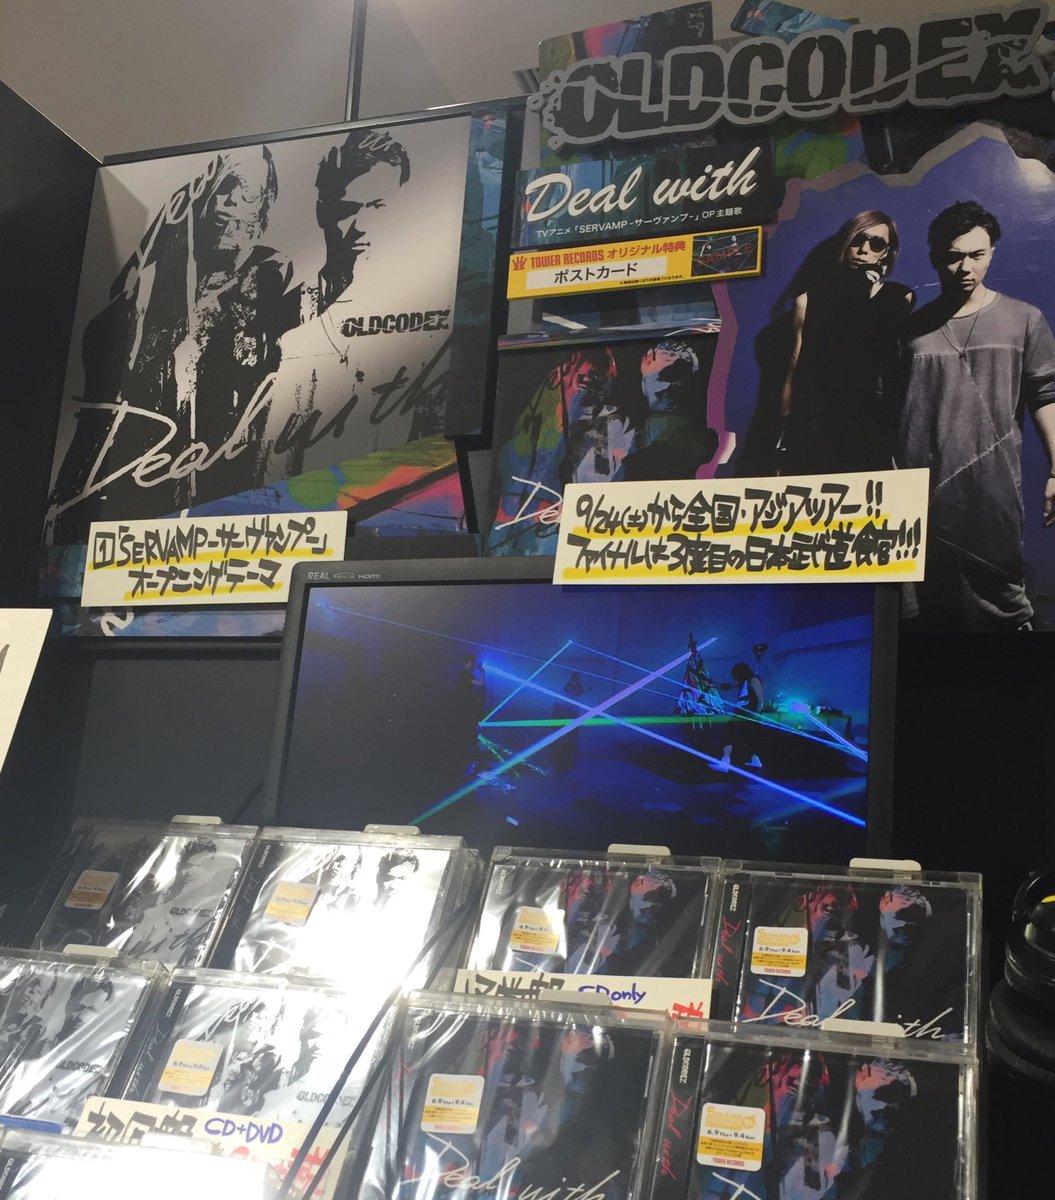 【OLDCODEX】ニューシングル『Deal with』入荷しました!タワレコ特典はポストカード!ご…